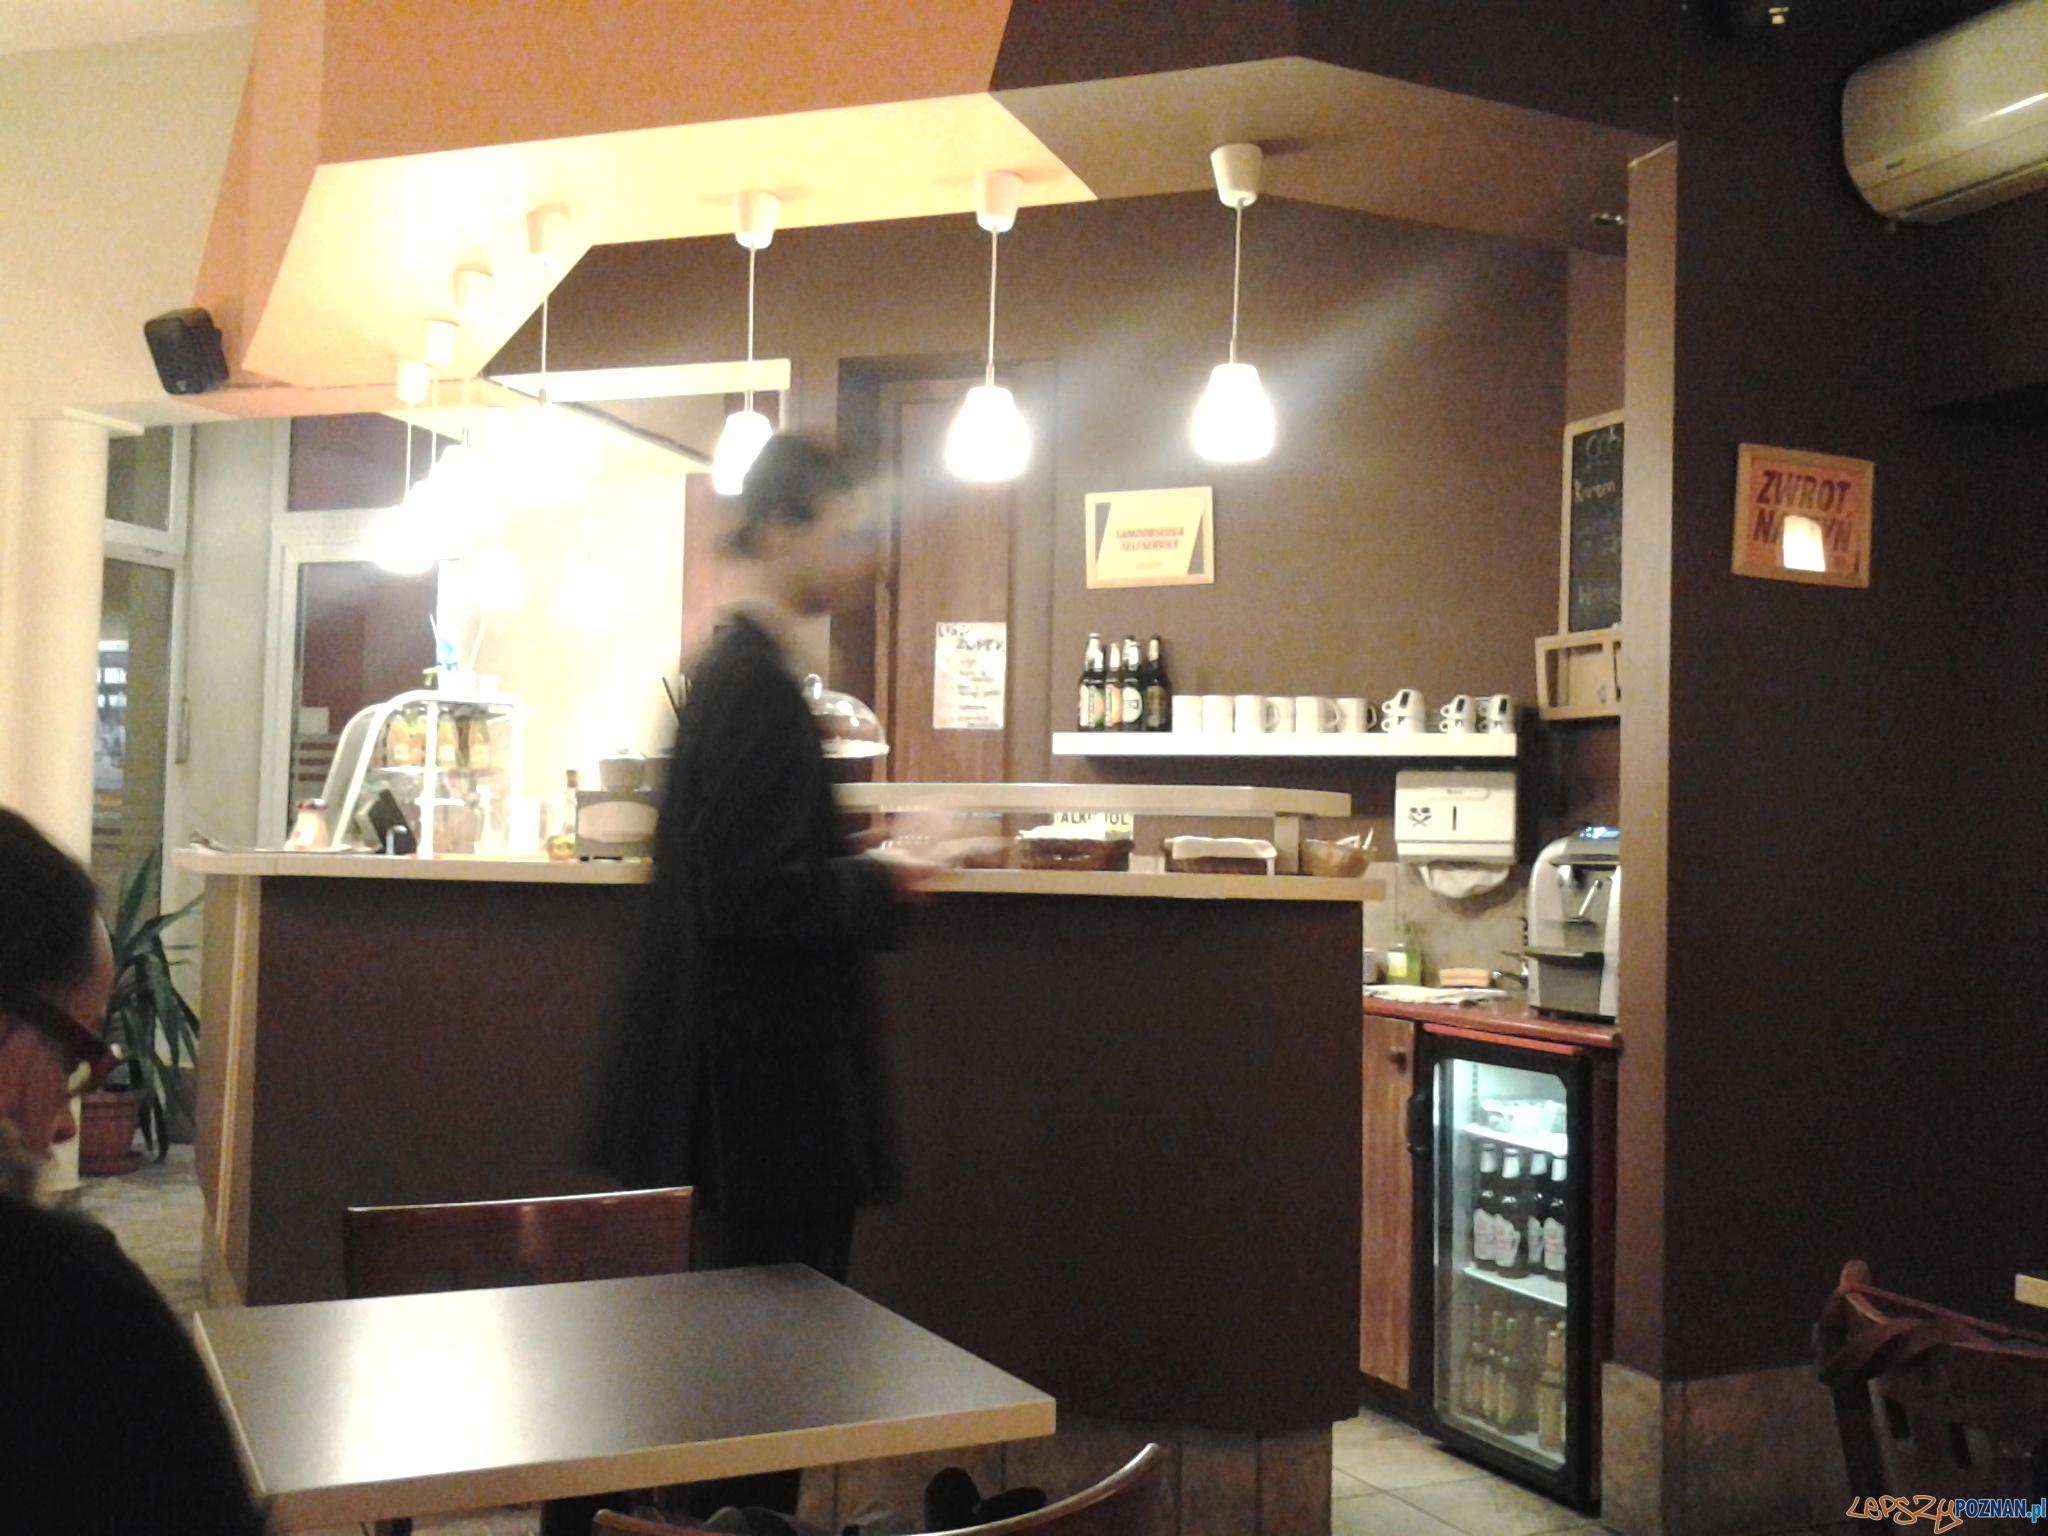 Pyra Bar - tutaj zamawiasz, tutaj płacisz...  Foto: lepszyPOZNAN.pl / gsm